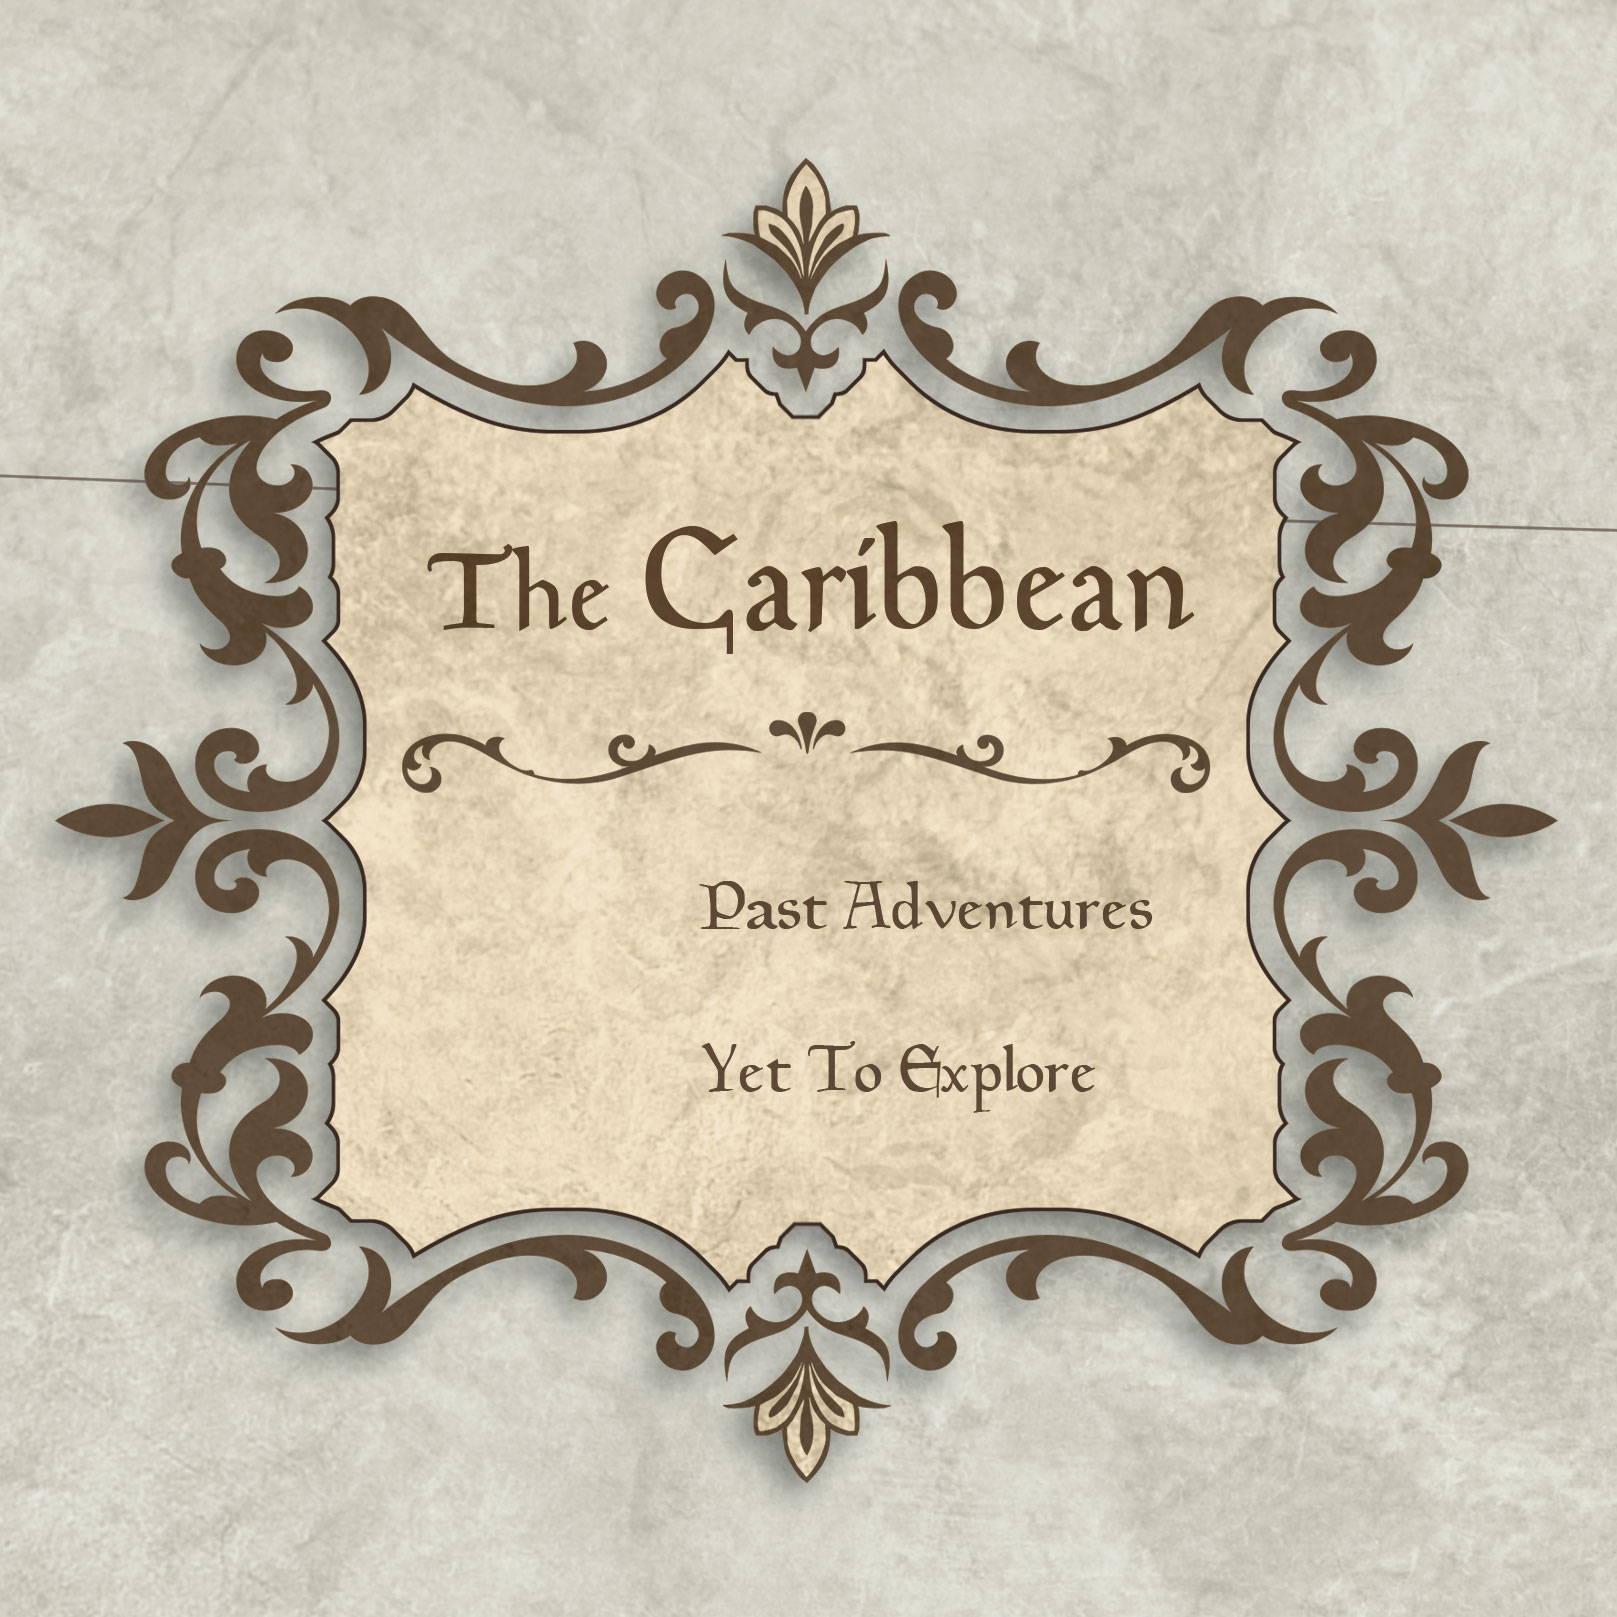 Conquest Maps Rustic Vintage Caribbean Legend